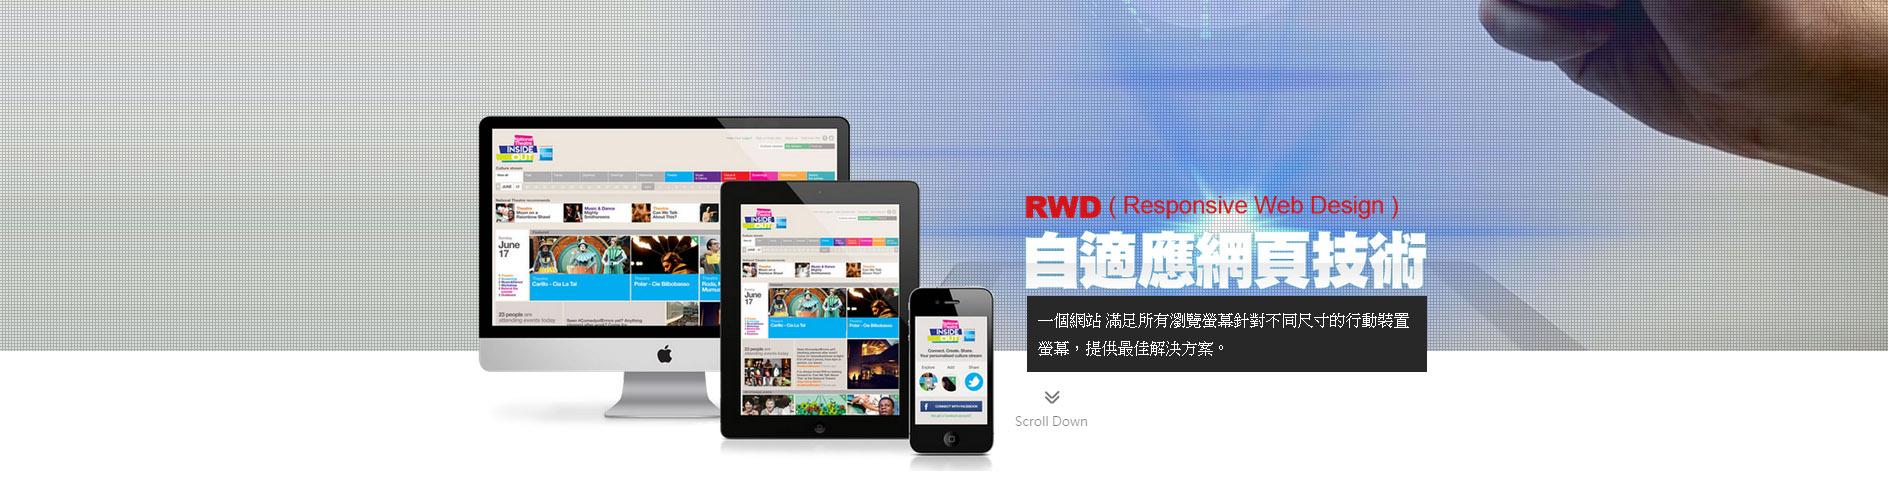 網頁設計超值特惠方案,台南網頁設計免費專案,關鍵字優惠2015